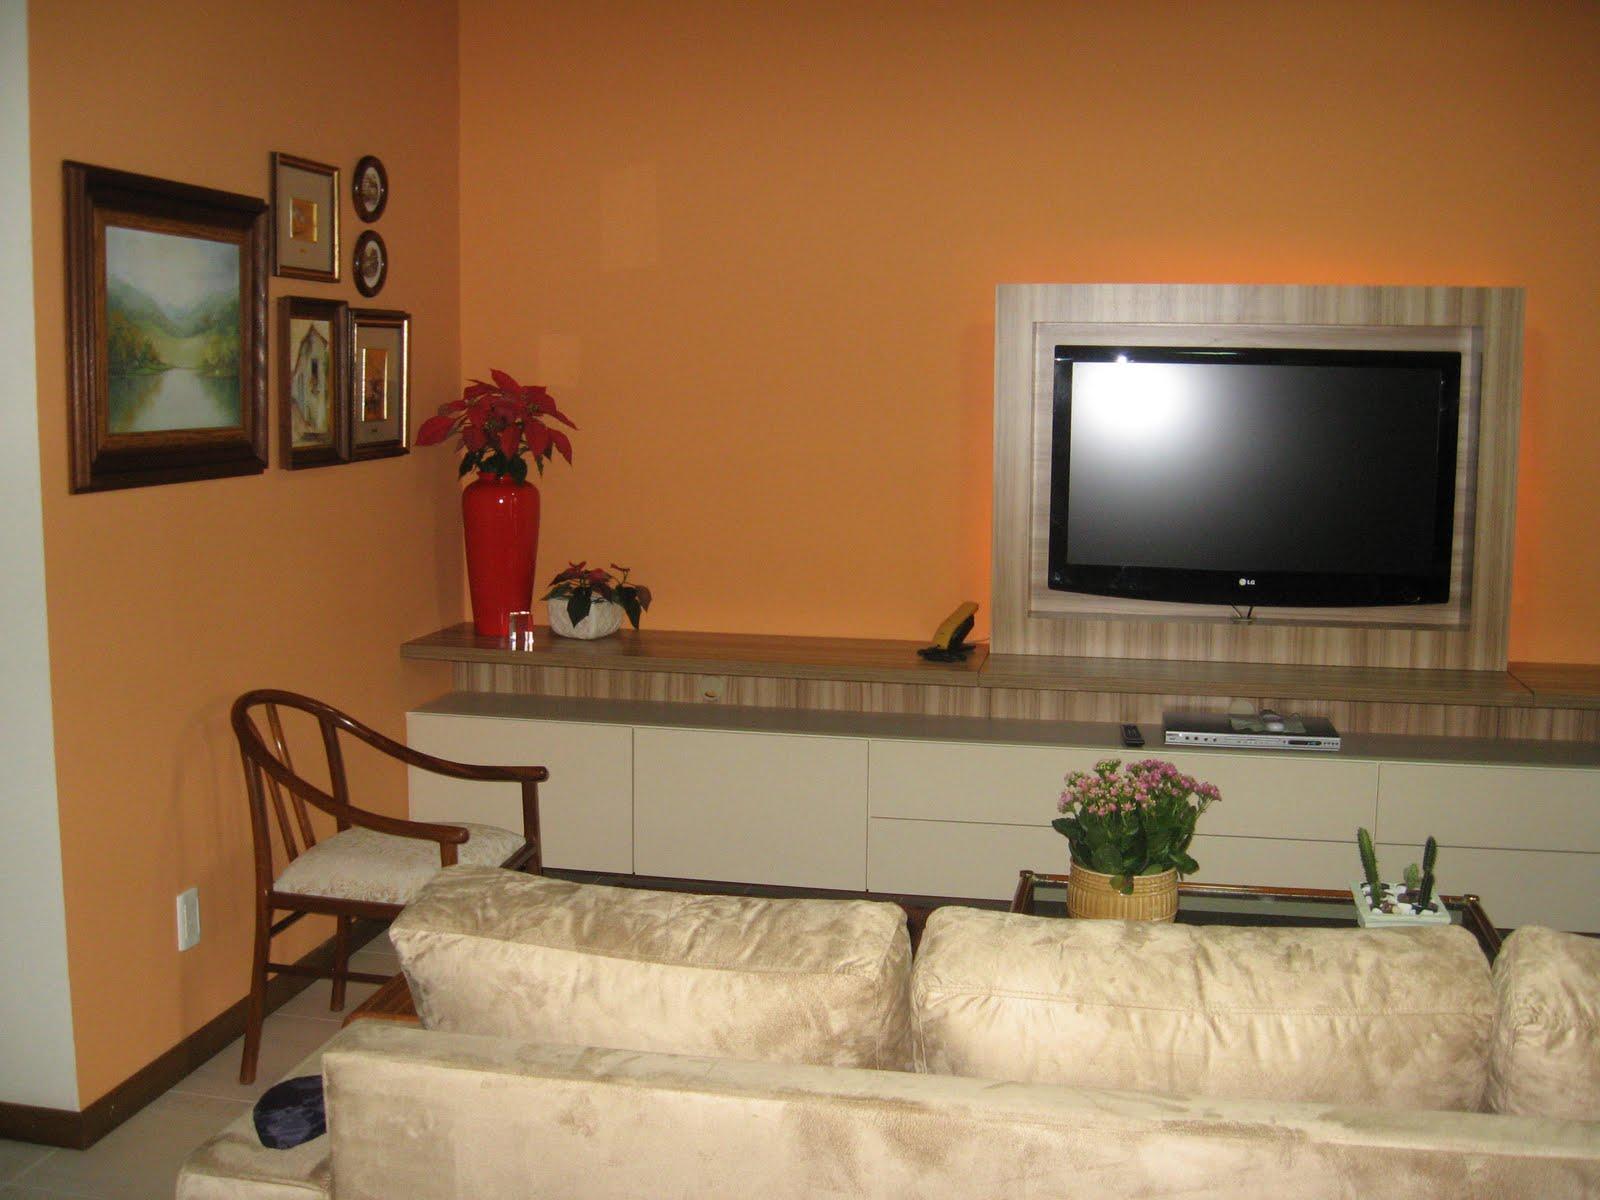 #9C602F CASA E CORES: UMA SALA DE ESTAR  1600x1200 píxeis em Cores Para Sala De Estar Fotos